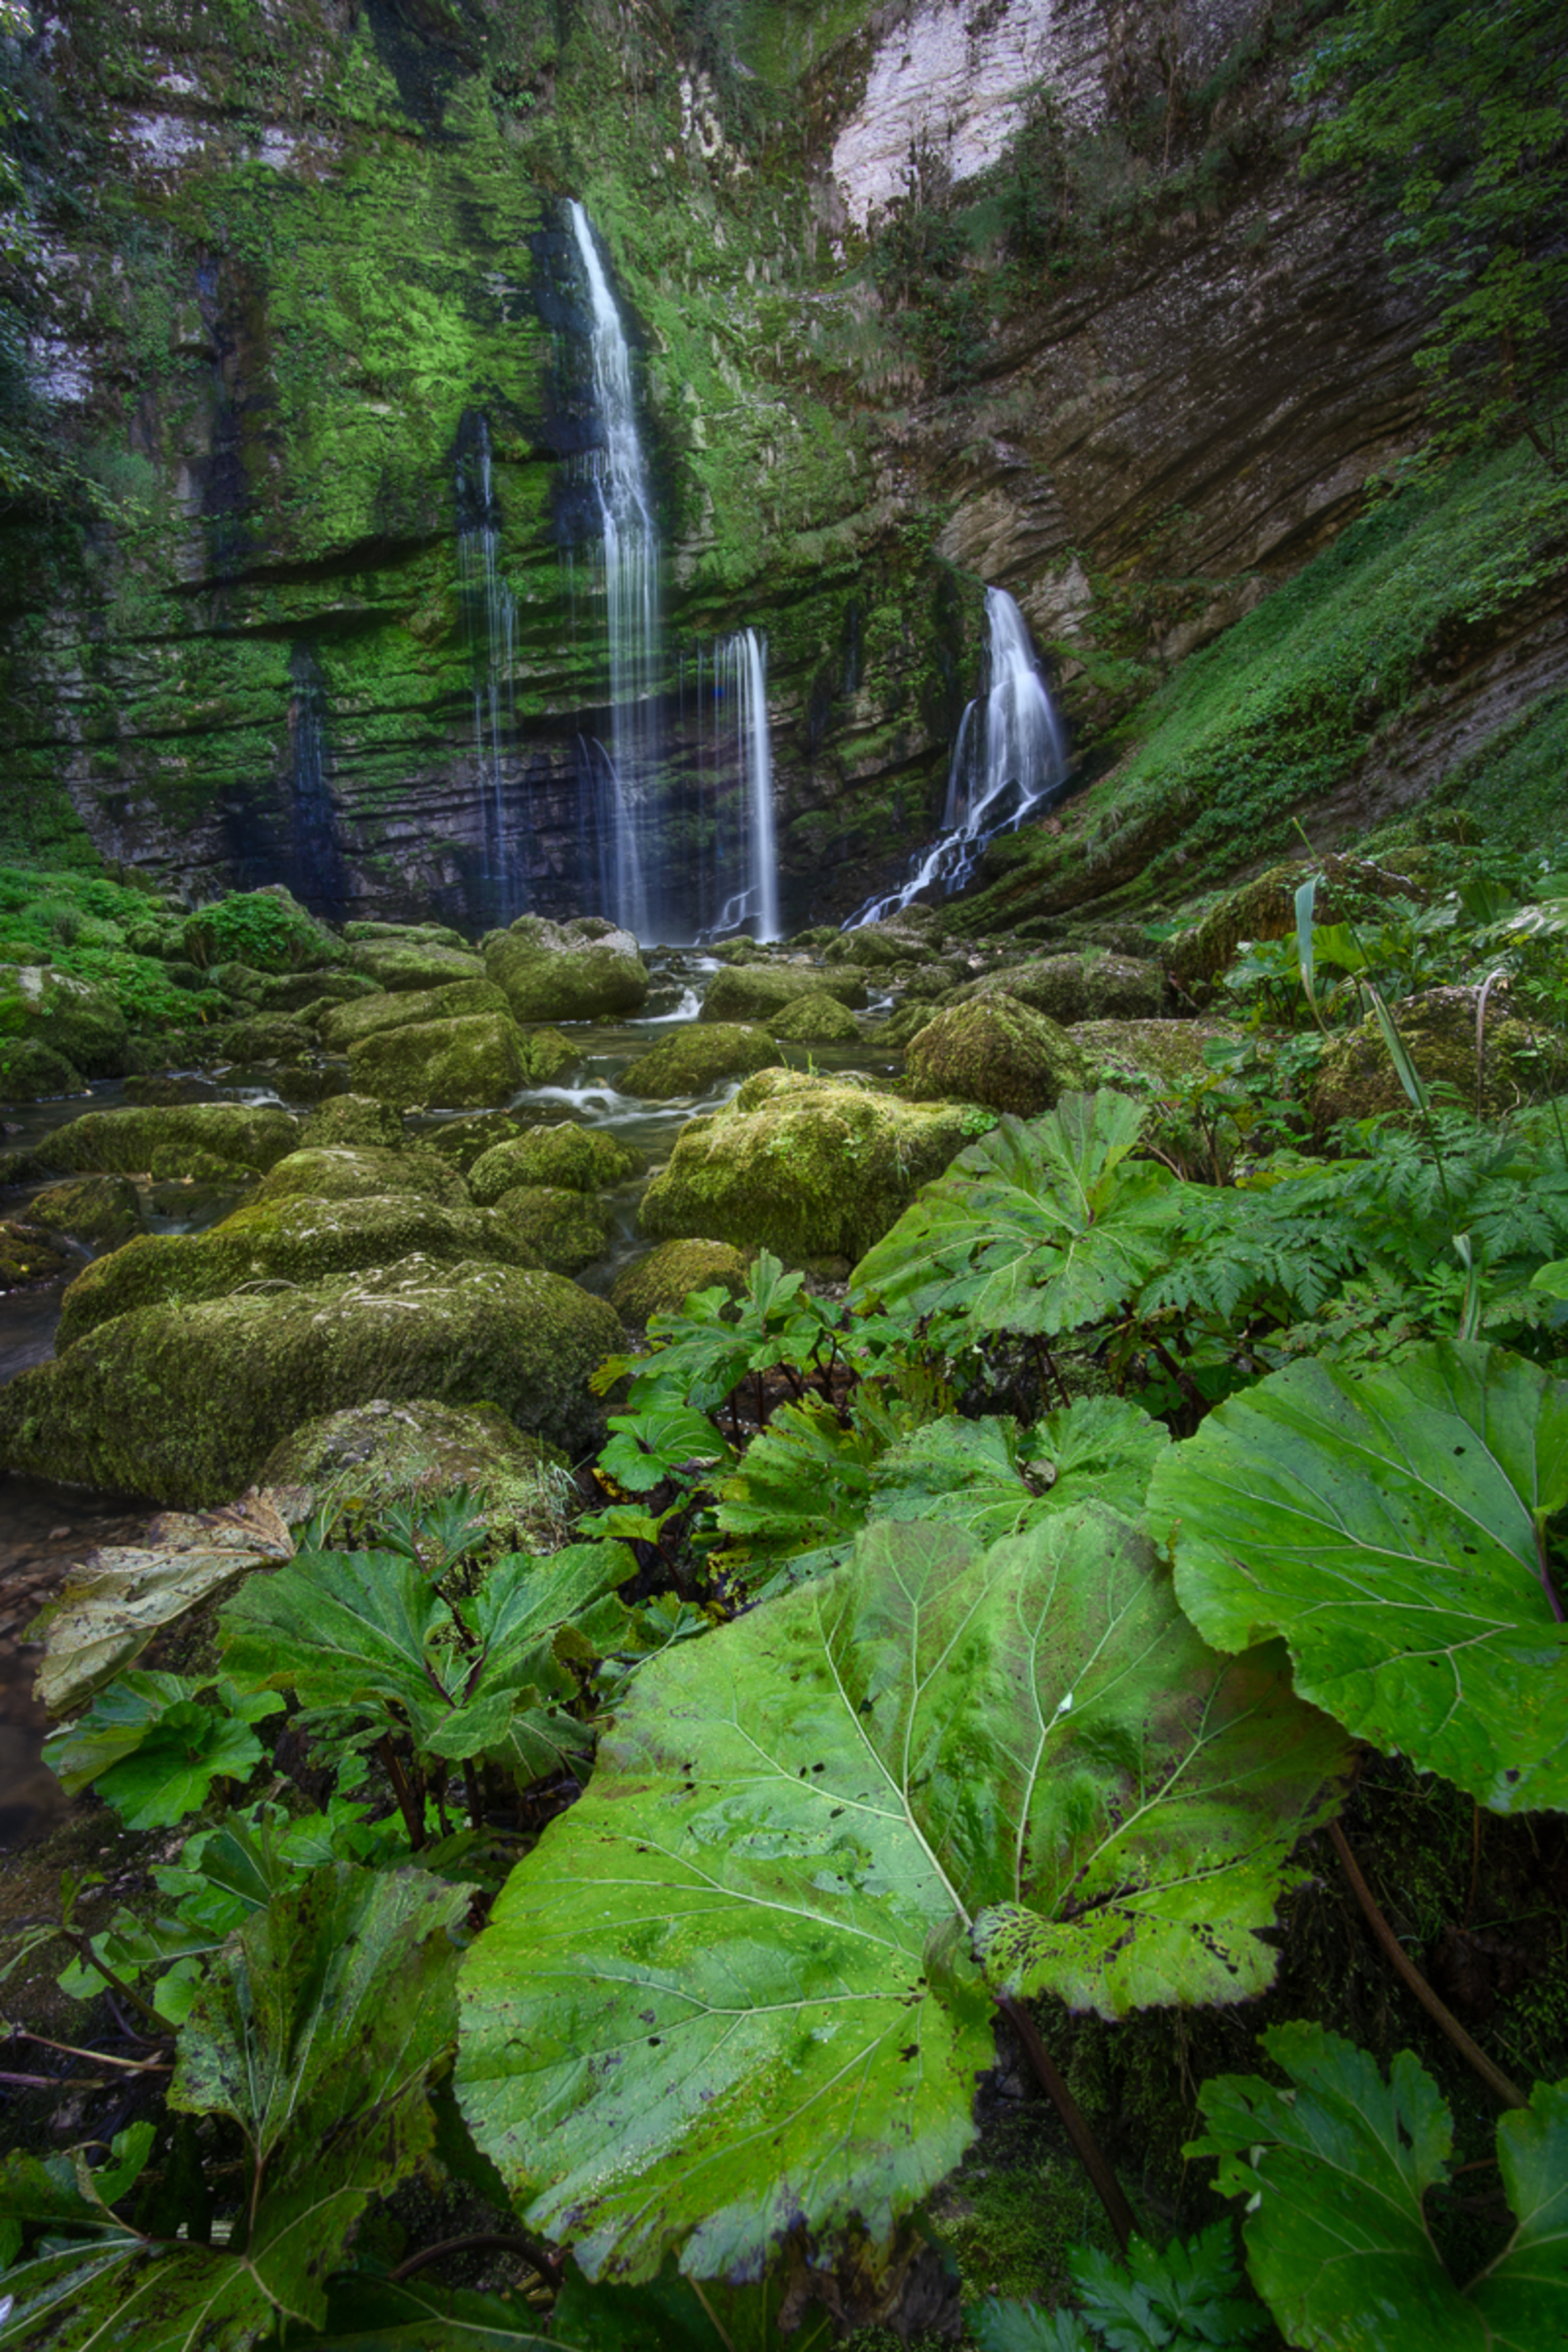 Waterfall and Leaves - Deze foto nam ik alweer een tijdje terug in de Jura. Hij heeft een tijdje op de plank gelegen, omdat ik twijfelde. Uiteindelijk ben ik toch met de be - foto door Dennismulder55 op 08-04-2021 - locatie: Jura, Frankrijk - deze foto bevat: waterval, frankrijk, jura, saint-claude, cascade, groen, blad, voorgrond, groothoek, rotsen, fabriek, water, blad, waterval, natuurlijk landschap, terrestrische plant, voorjaar, boom, biome, bodembedekker